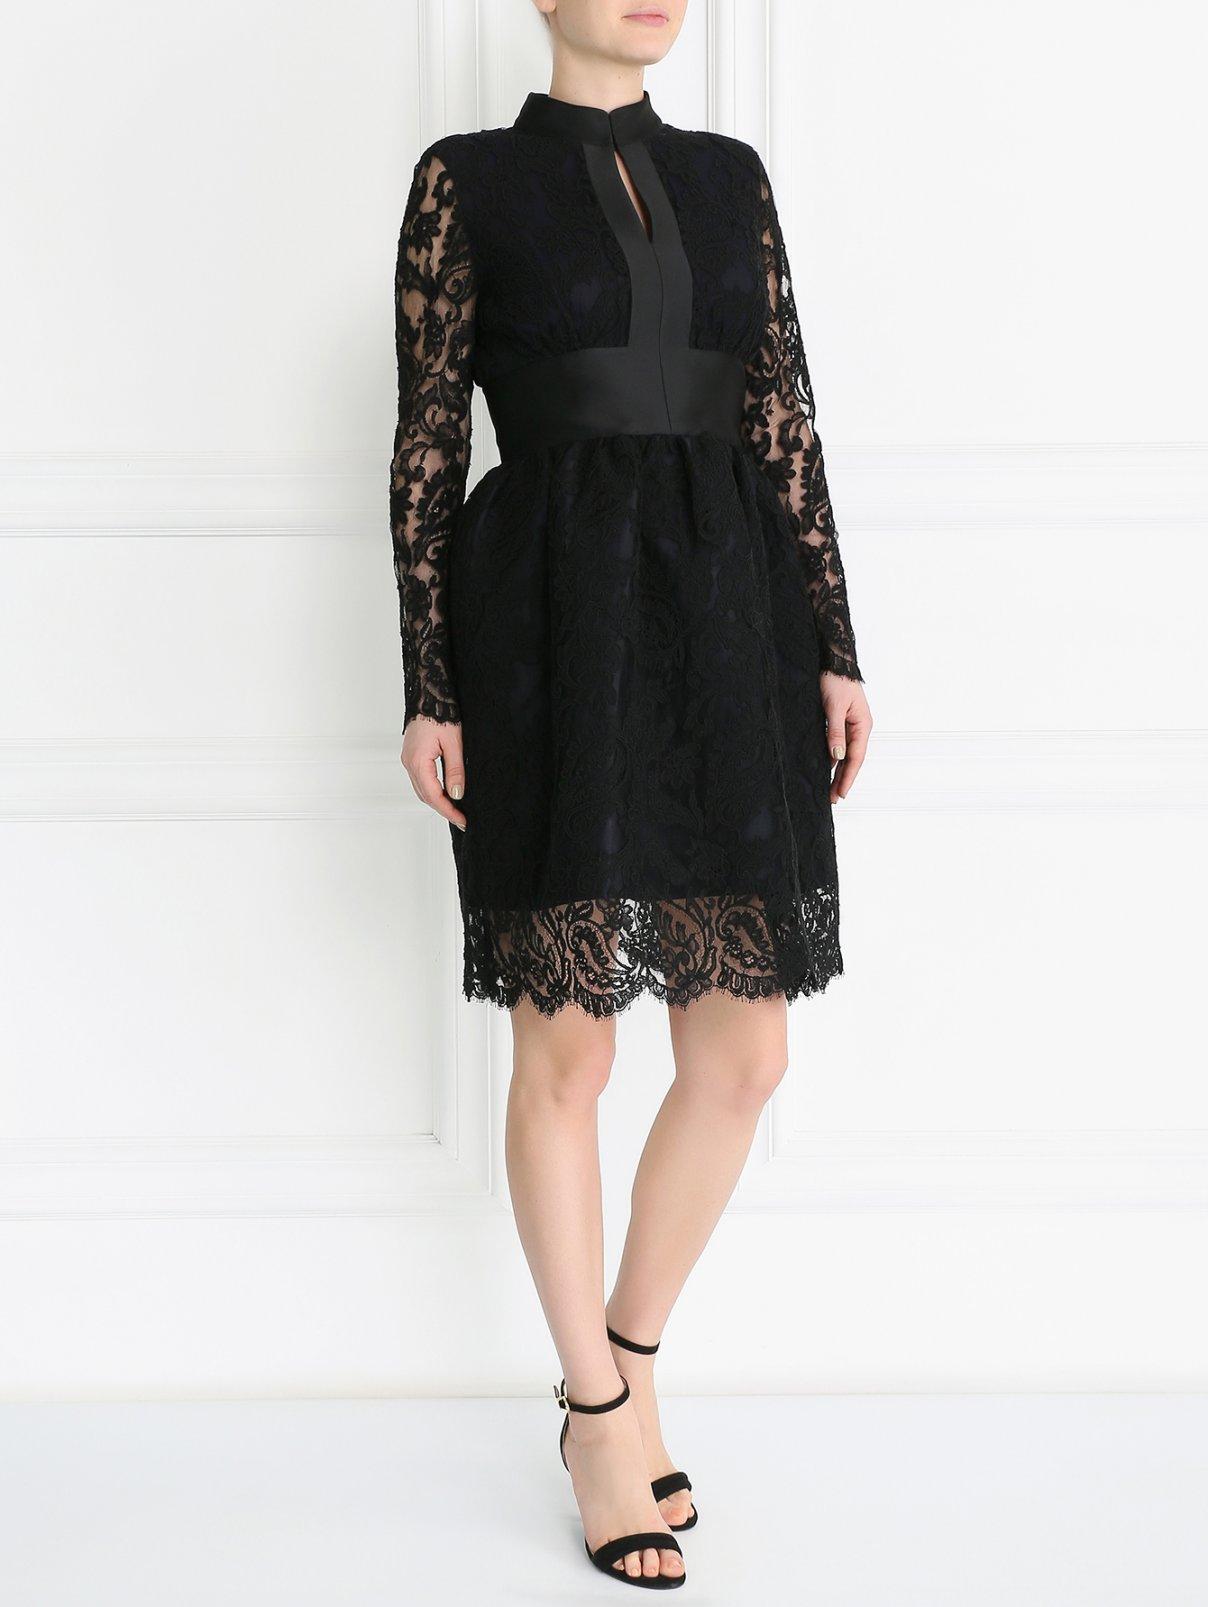 Черное платье хлопок кружево ткань непромокаемая купить в екатеринбурге